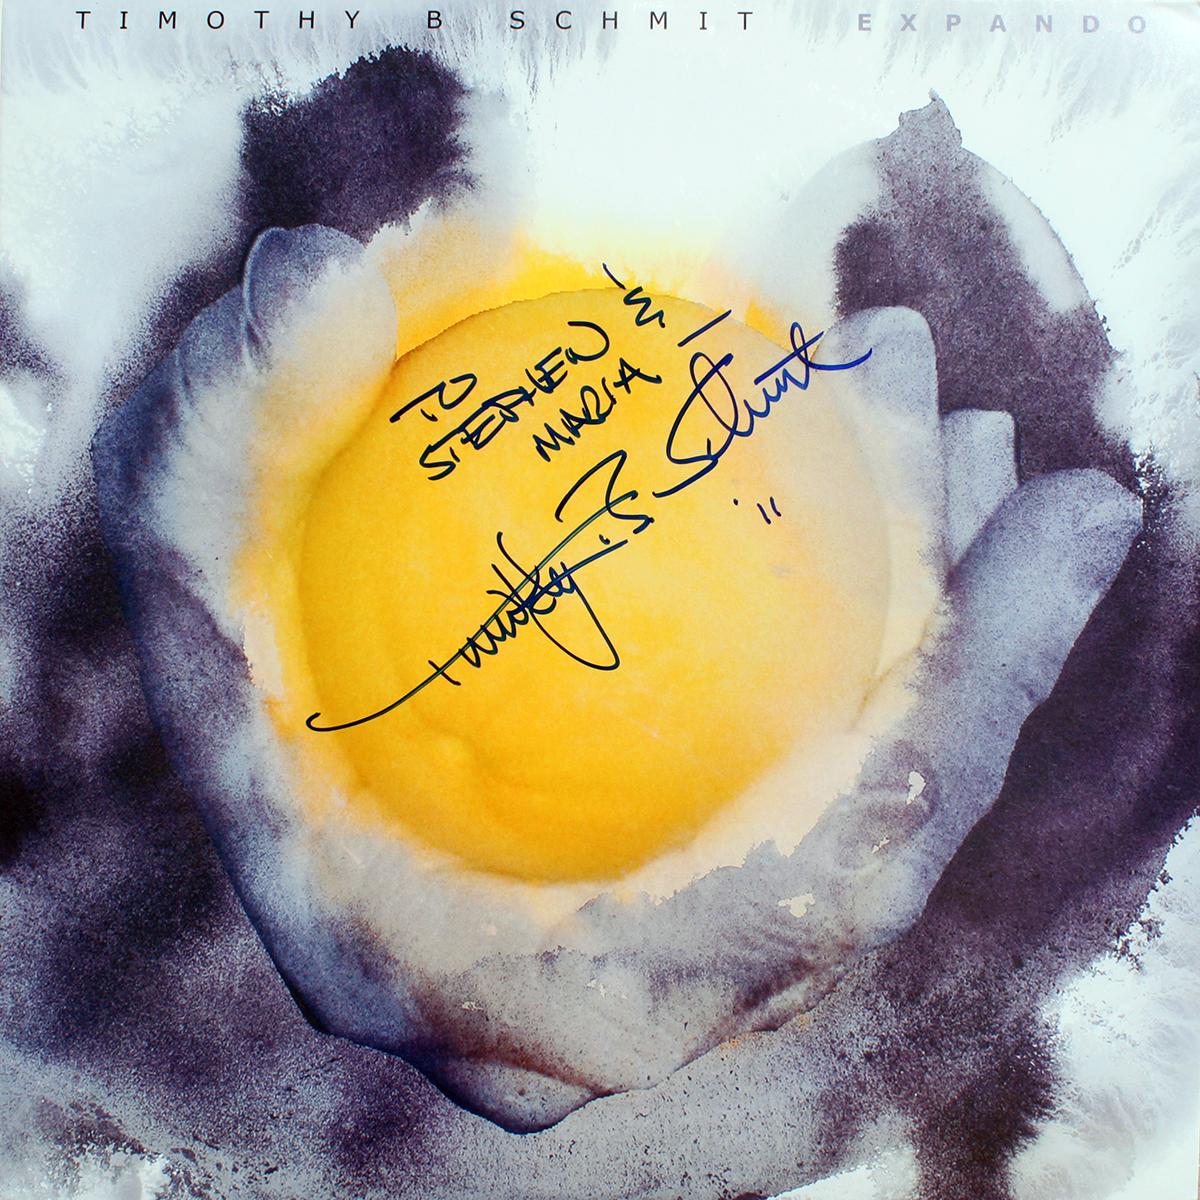 Timothy B Schmit LP - Expando #1